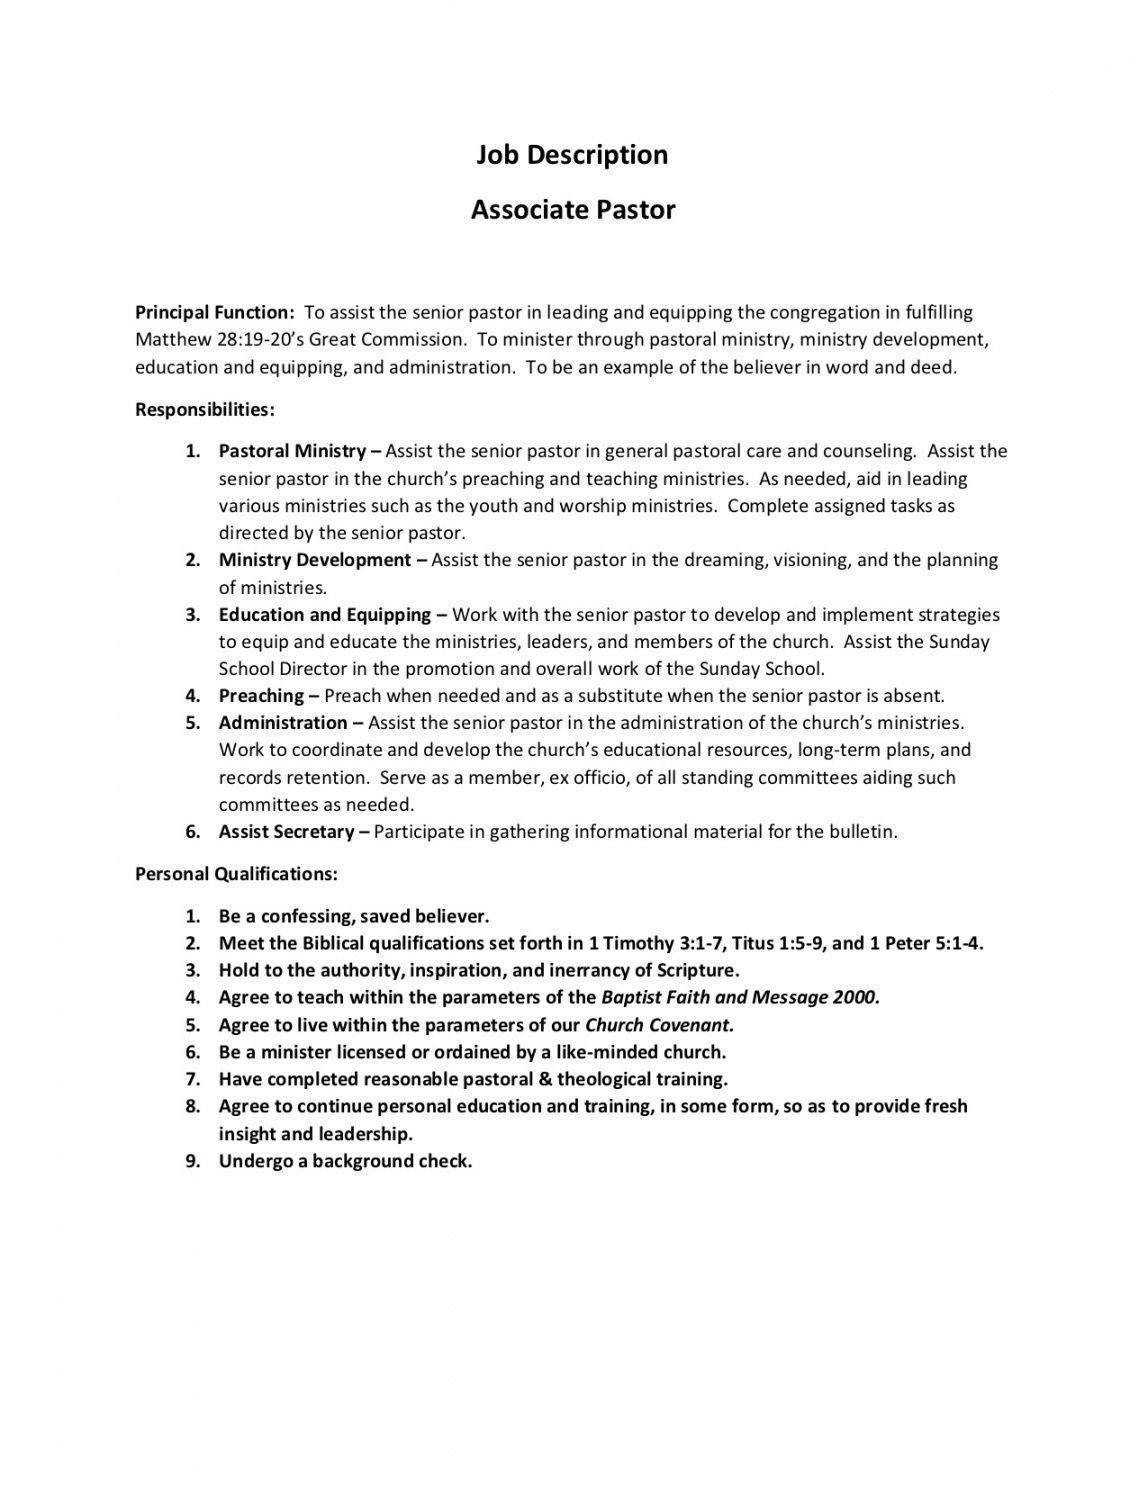 associate pastor job description 2019  central kentucky pastor job description template and sample